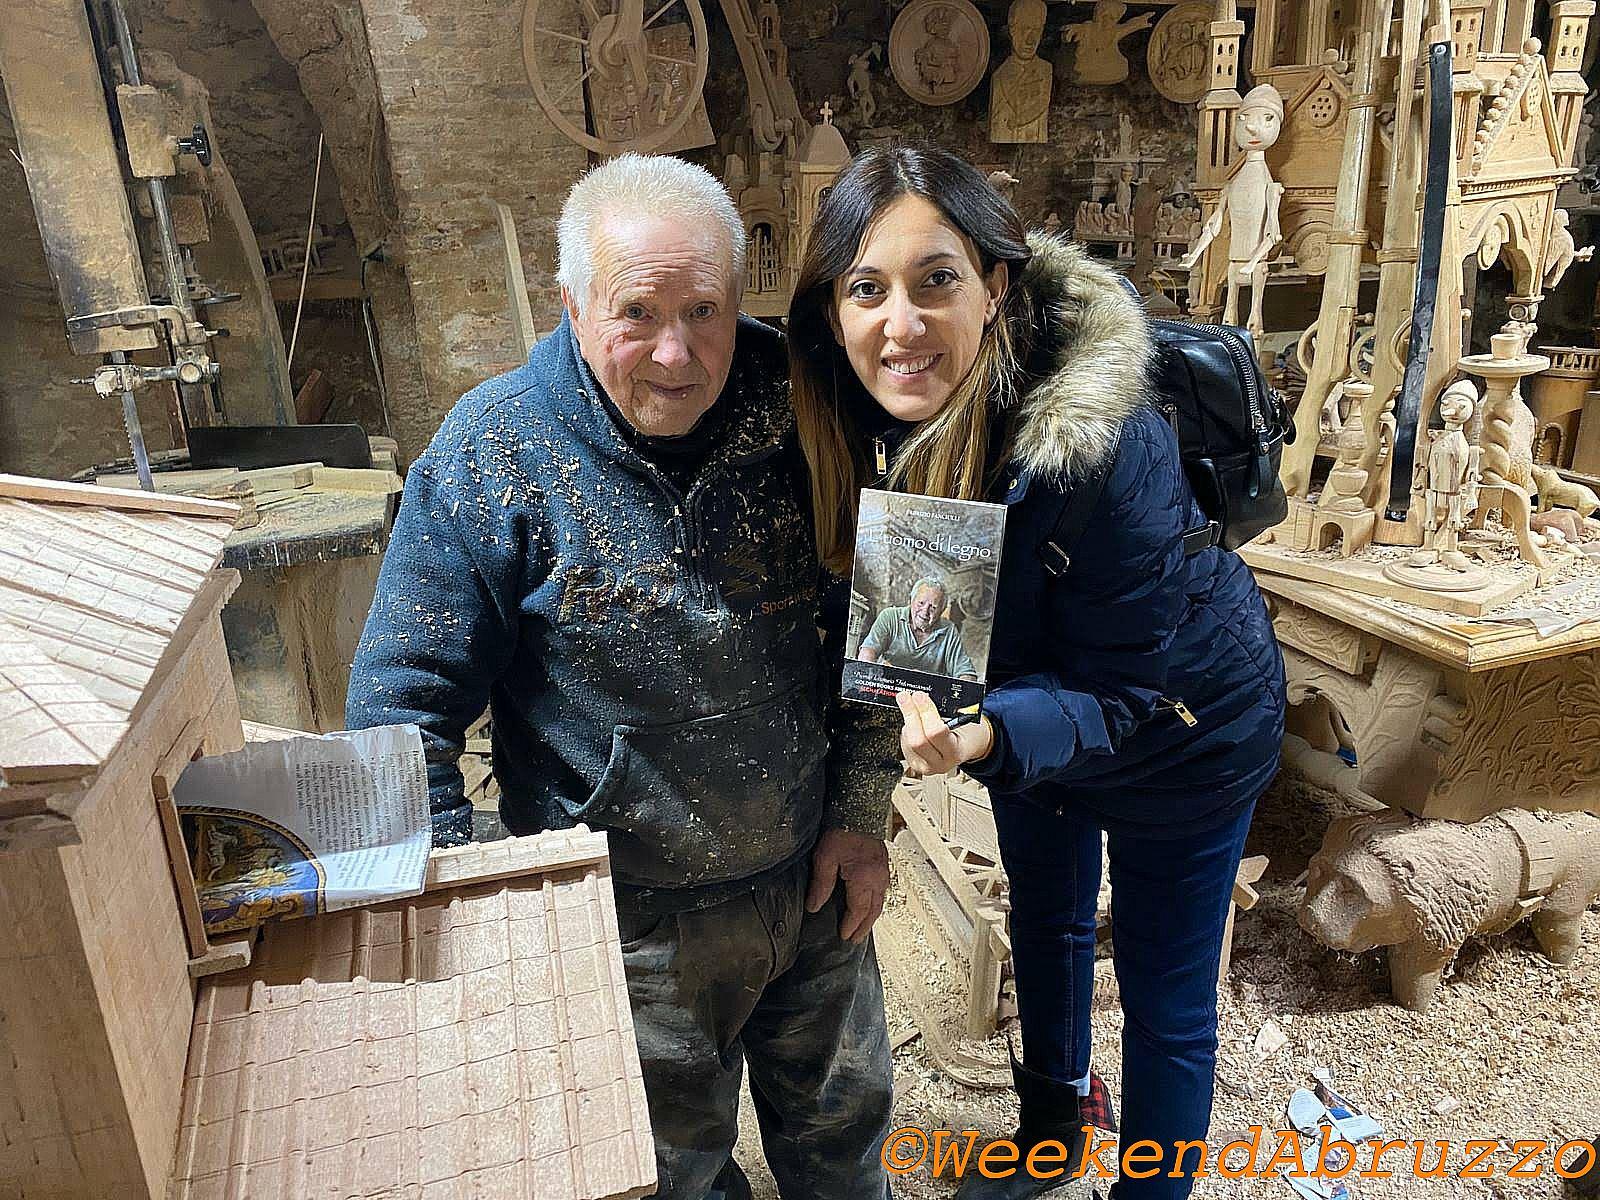 Mastro Tonino e il libro l'uomo di legno